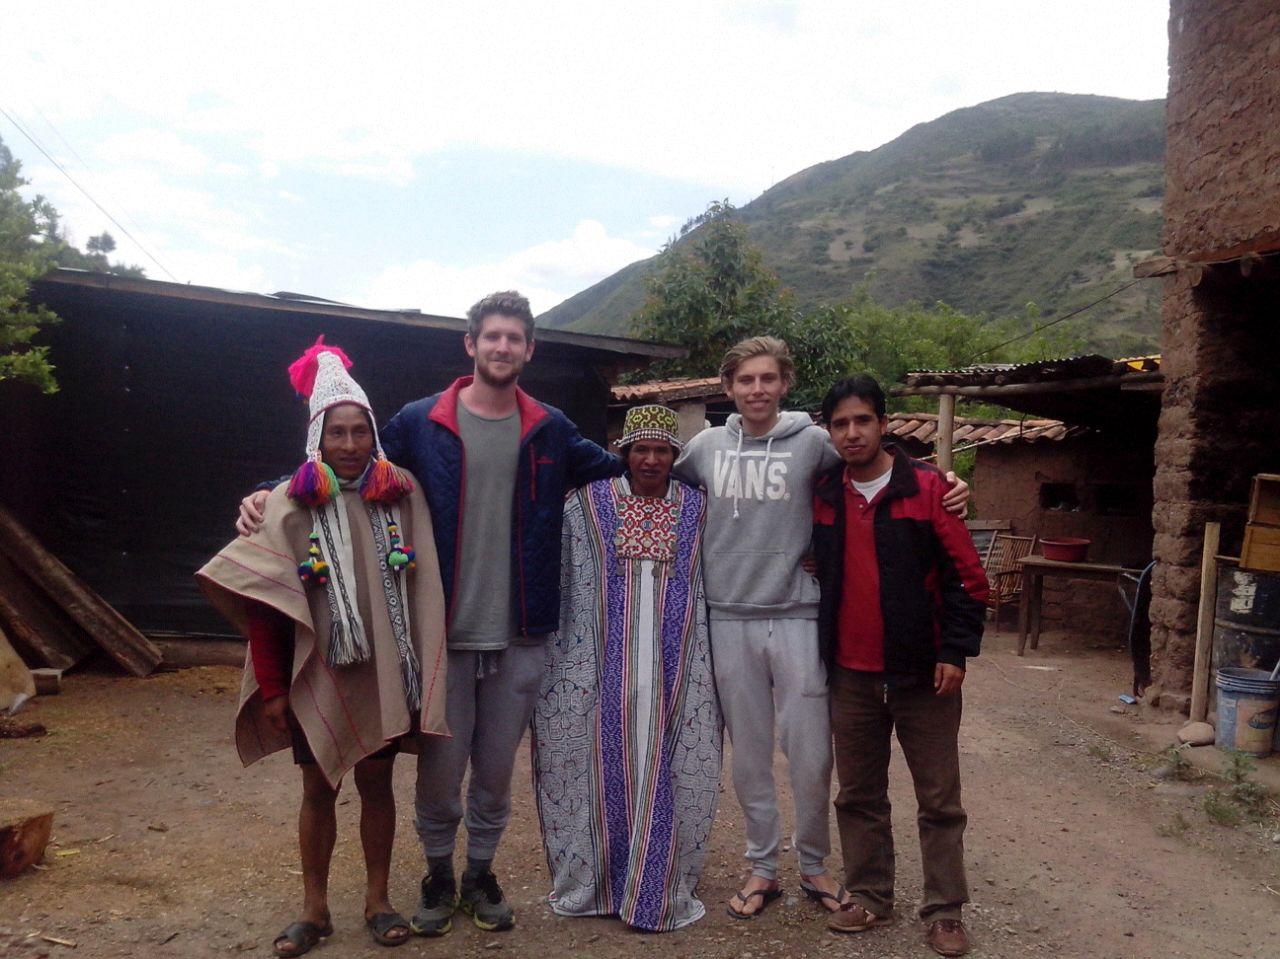 thani ayahuasca retreat center